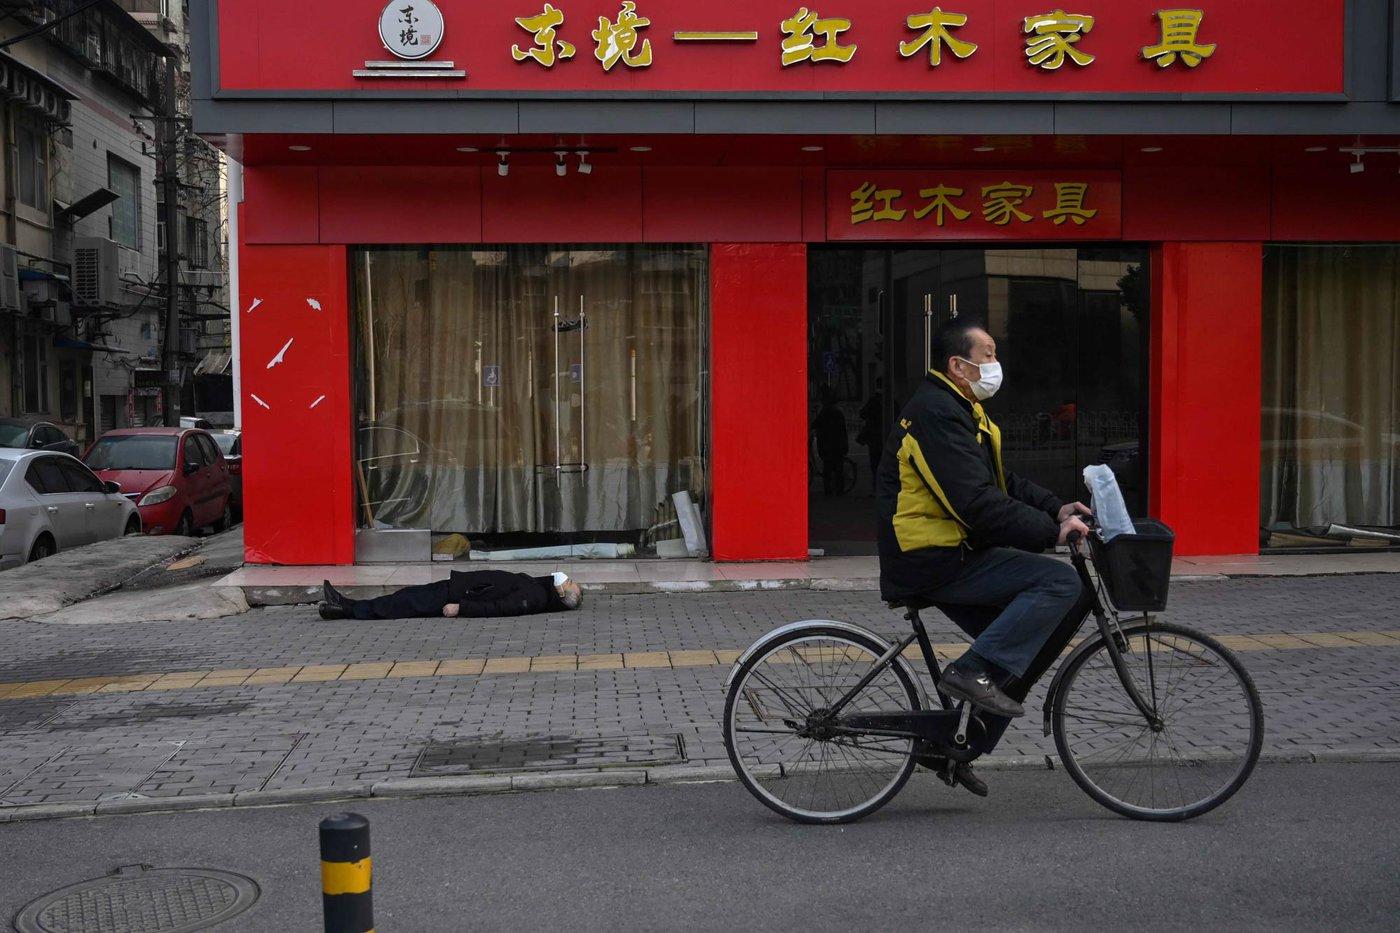 法新社记者亲眼目睹武汉民众倒毙街头,现场距离武汉第六医院只有一个街区。(图片来源:HECTOR RETAMAL/AFP via Getty Images)